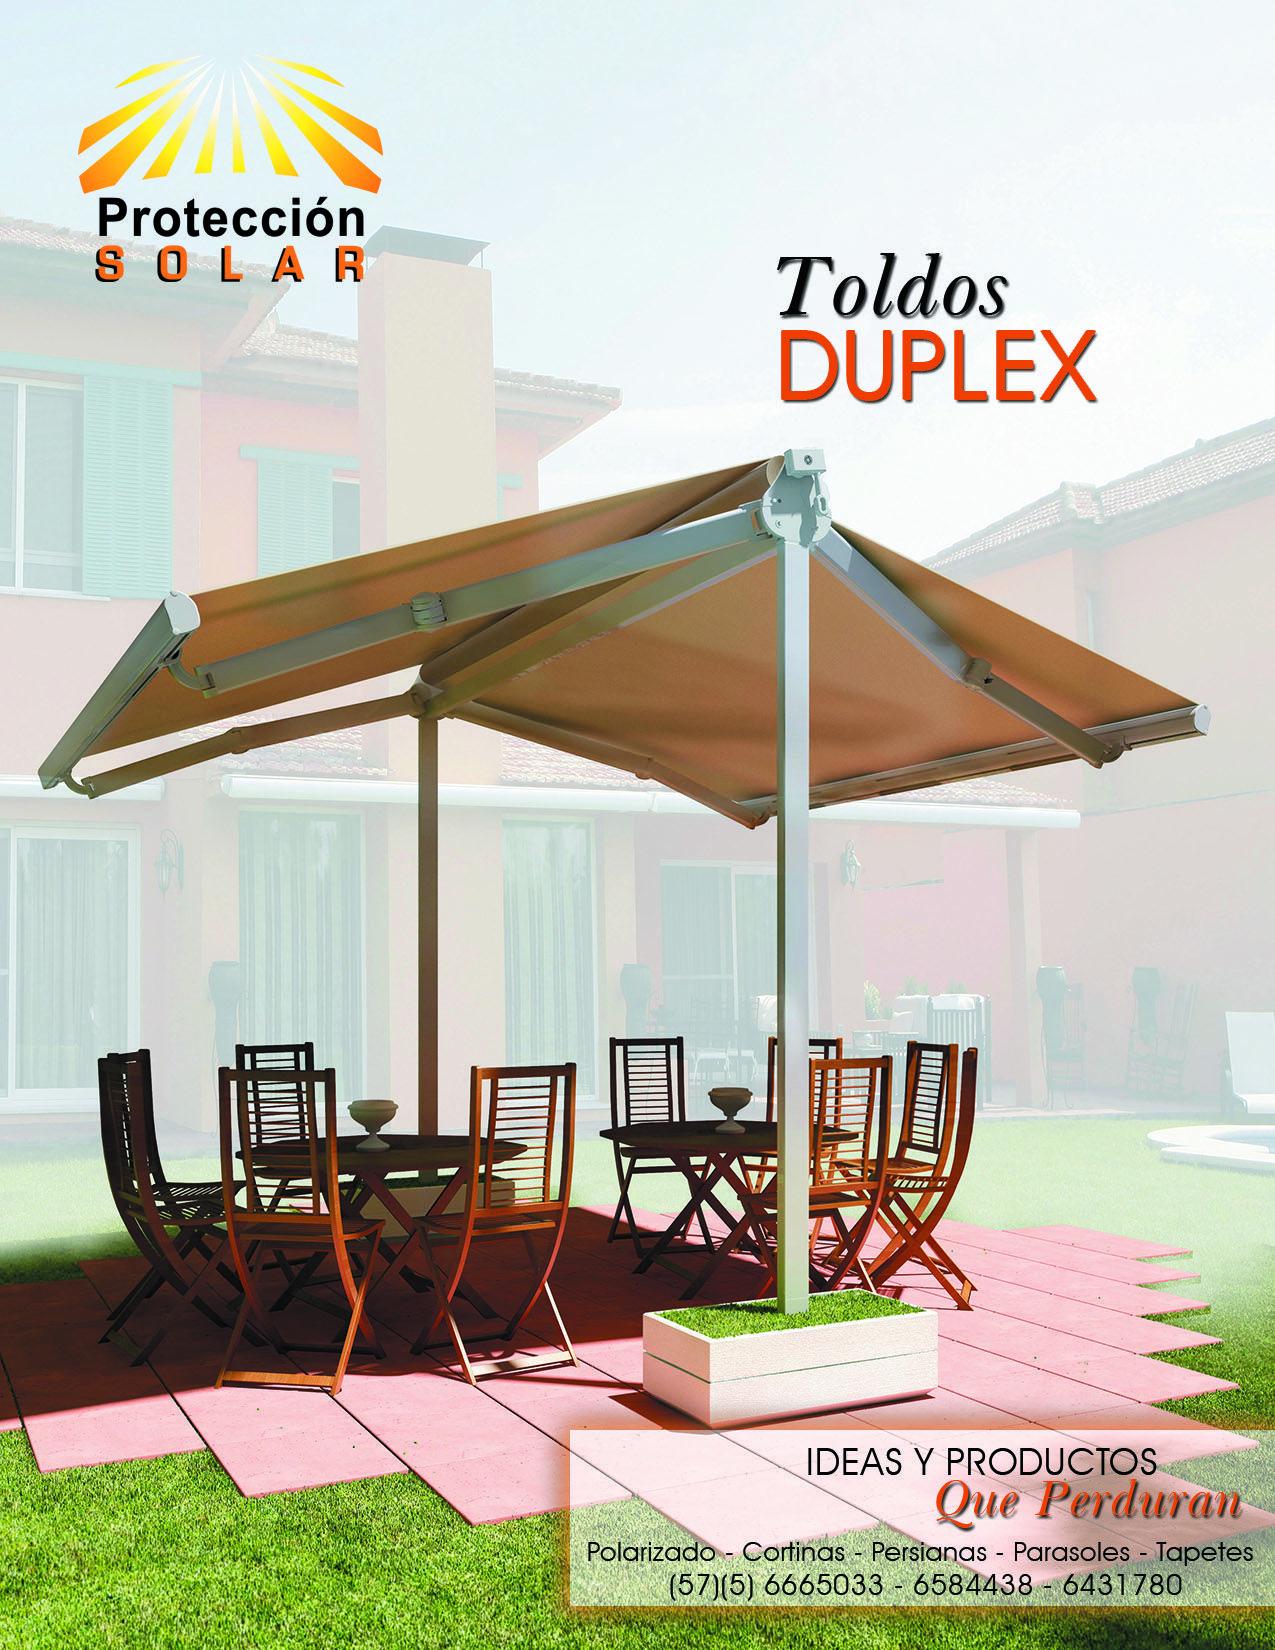 Toldo duplex es un toldo de doble proyecci n con brazos - Toldos para exteriores ...